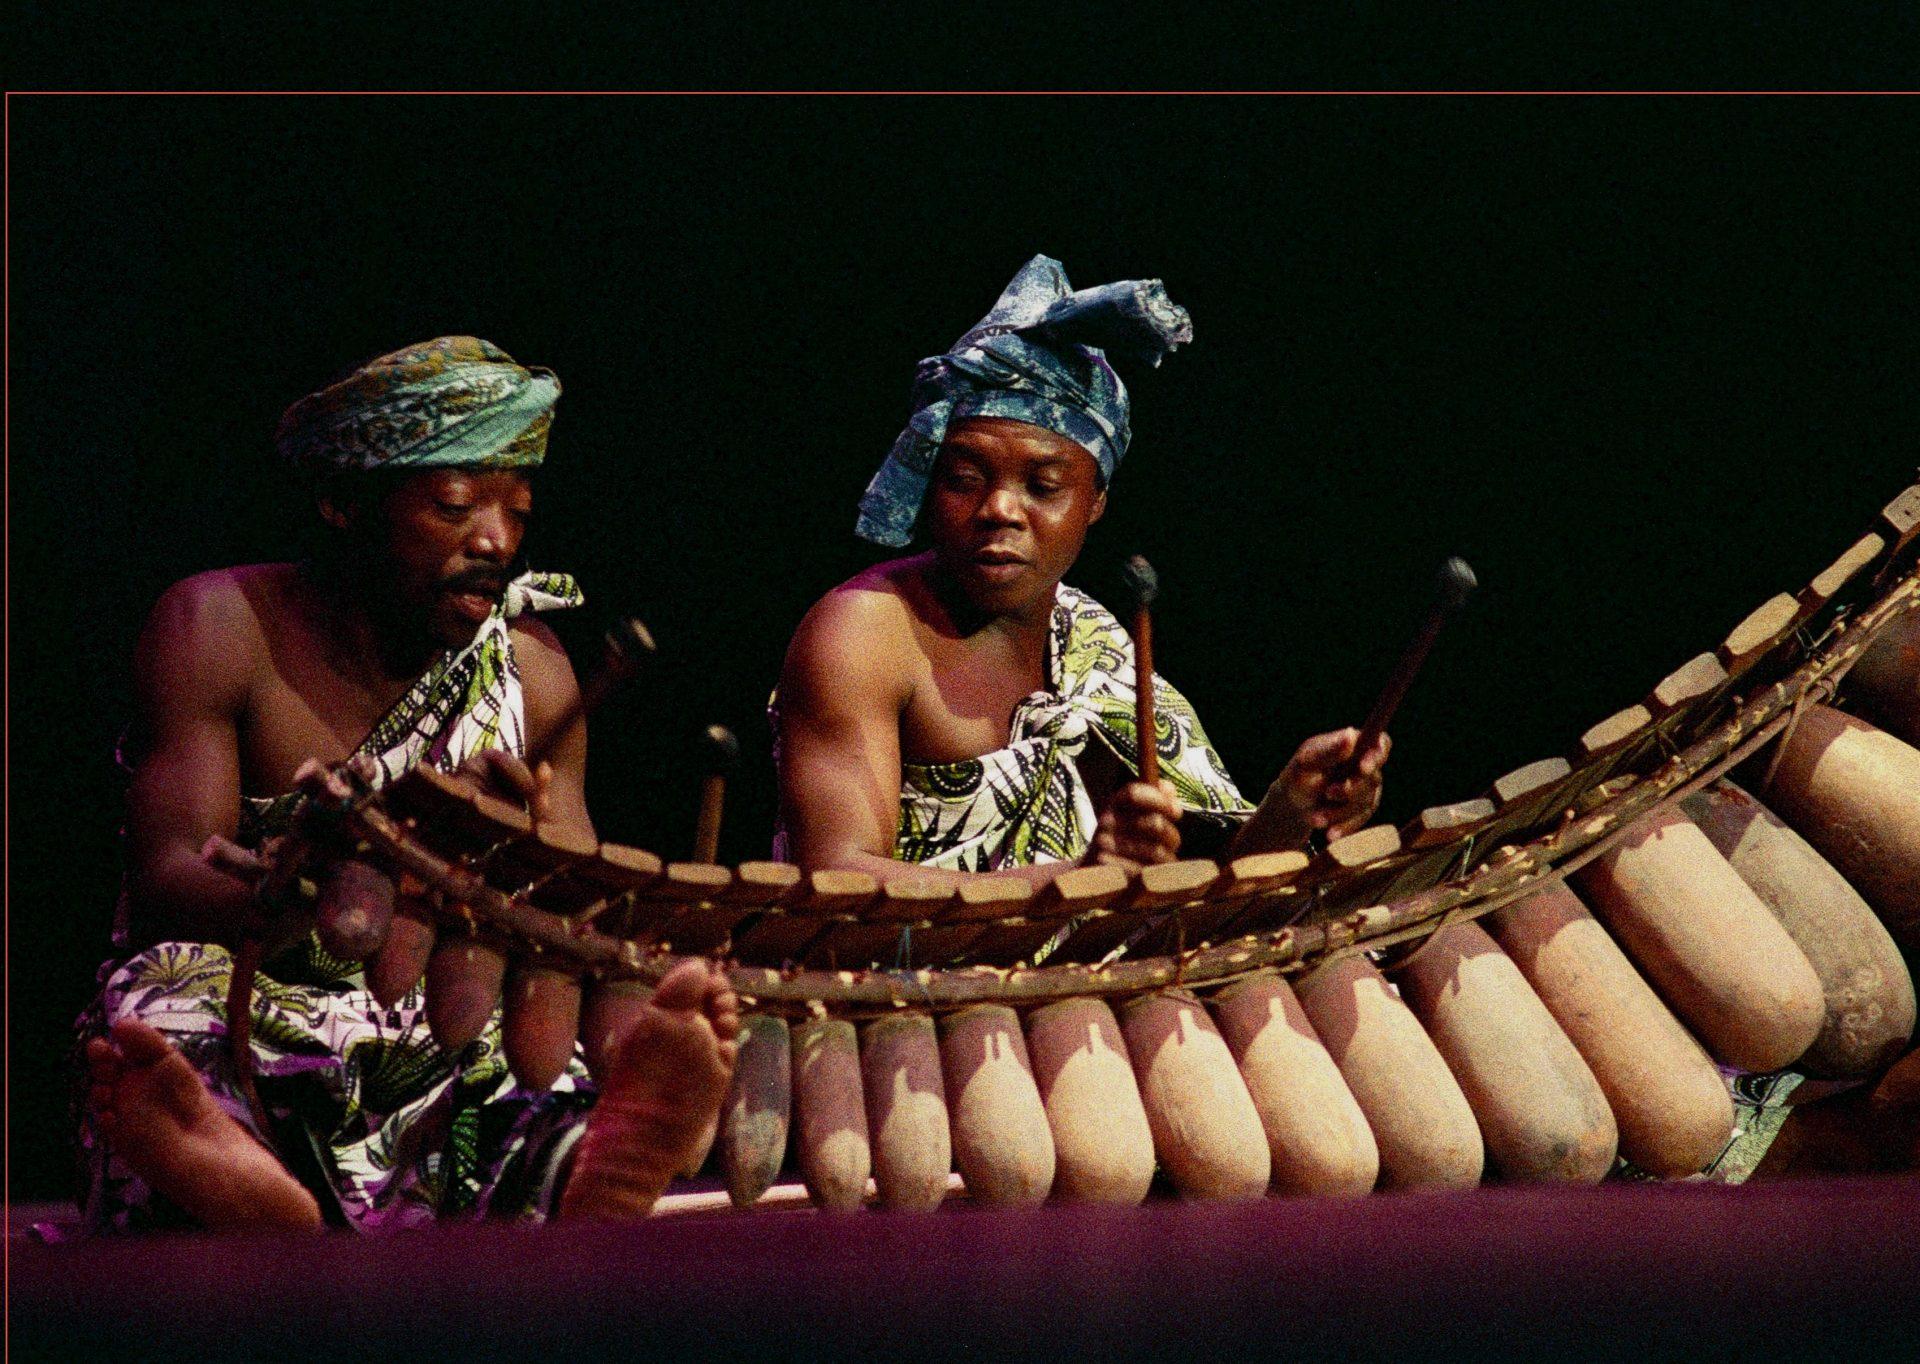 Paris também dança ao ritmo do semba e kizomba angolanos